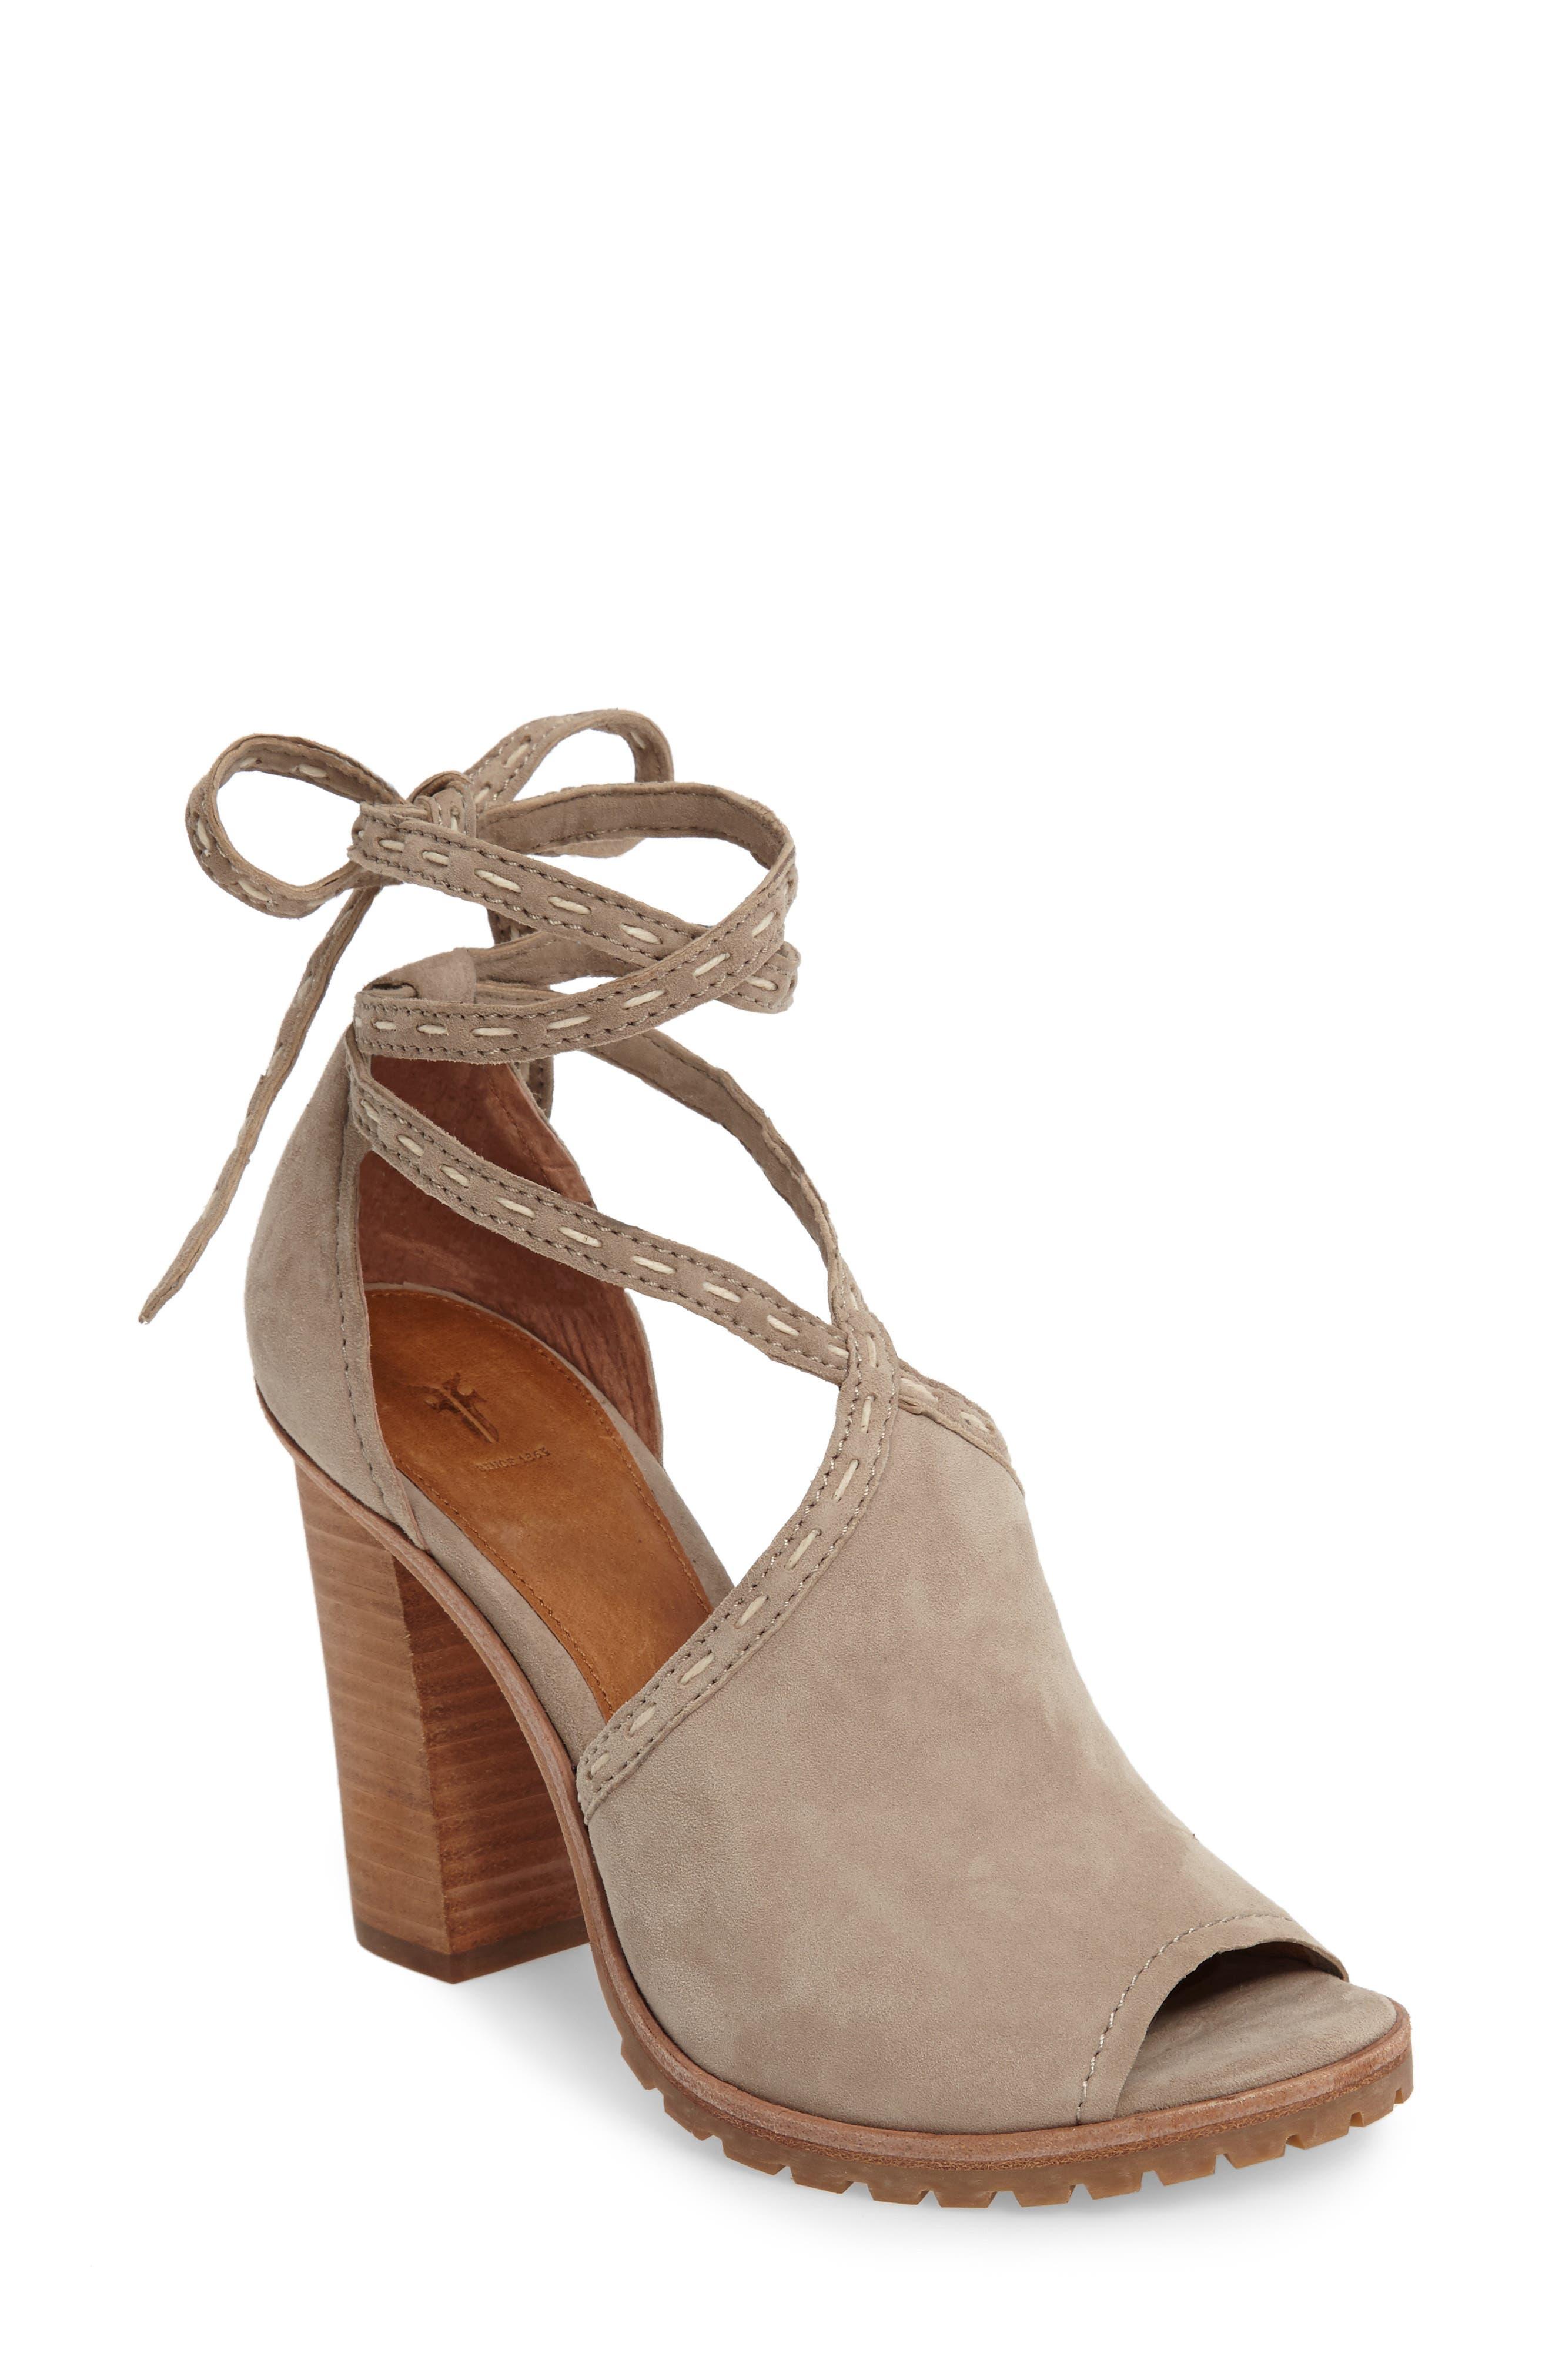 Alternate Image 1 Selected - Frye Suzie Wraparound Sandal (Women)